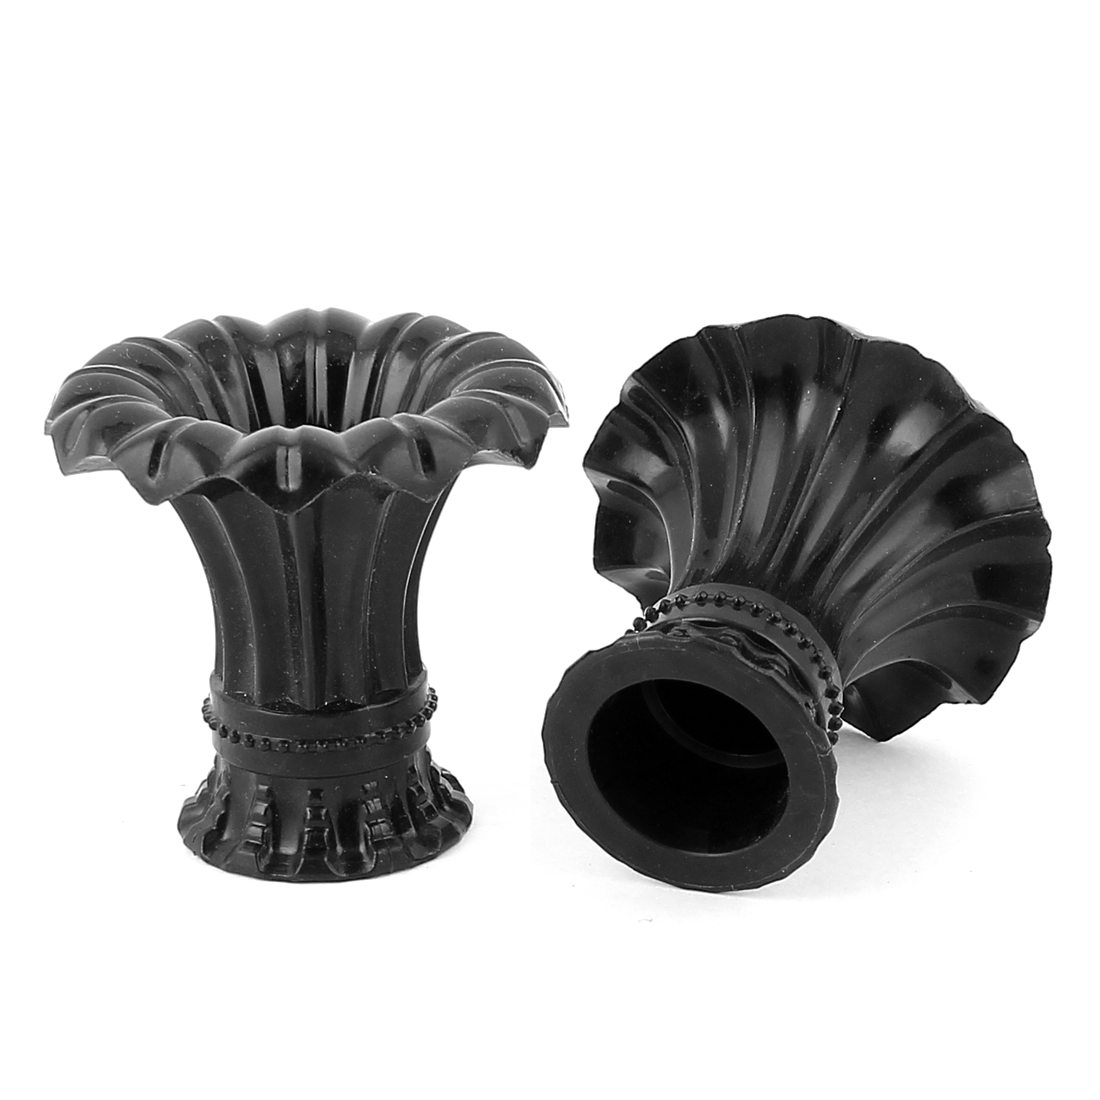 2pcs Black Plastic Petunia Design Drapery Curtain Rod Ends Caps Finials for 20mm Dia